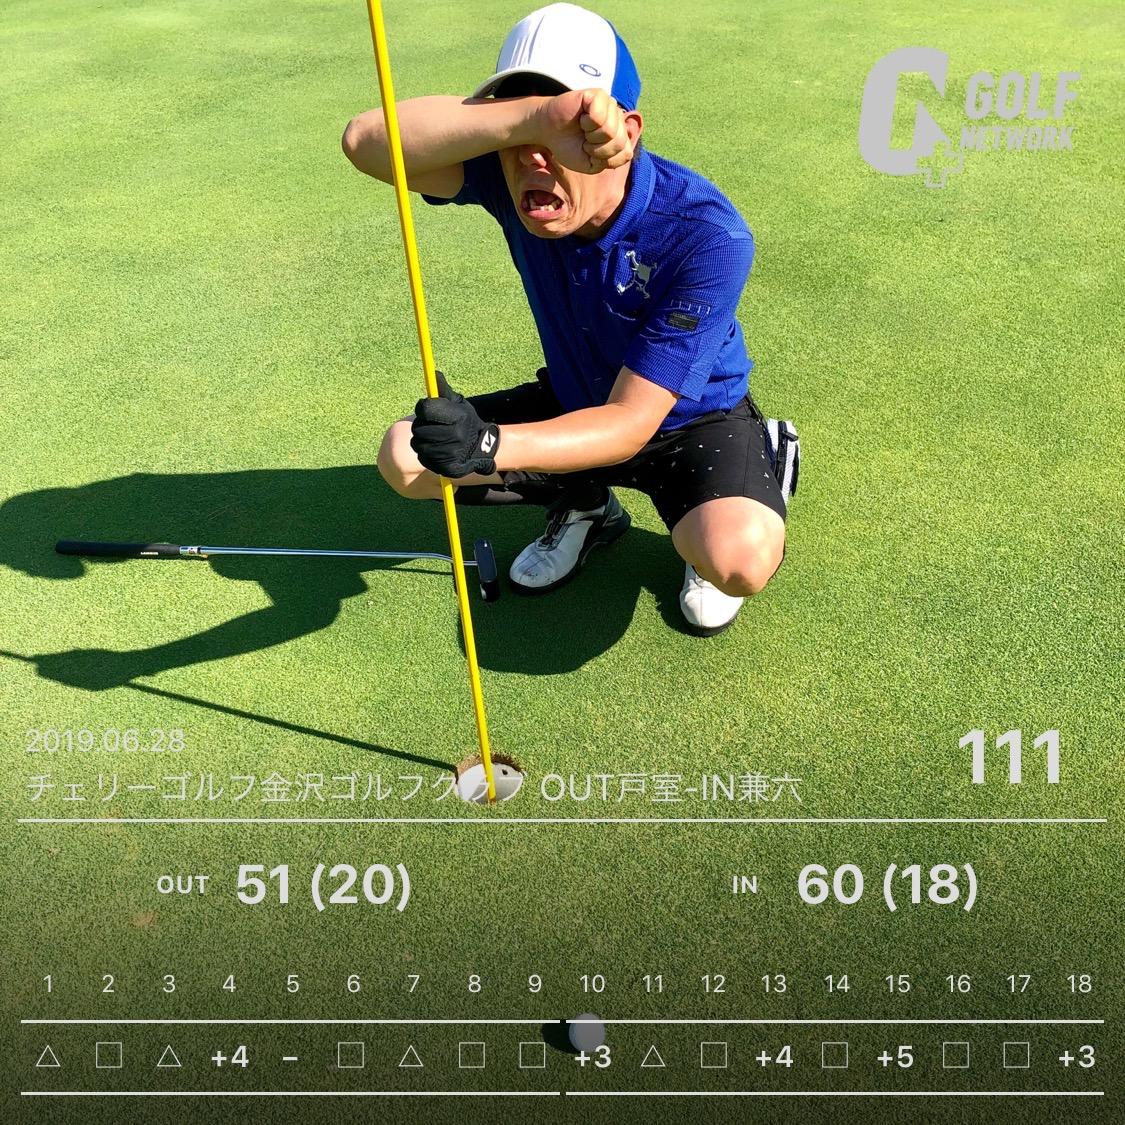 f:id:sakuya_golf:20200204223744j:plain